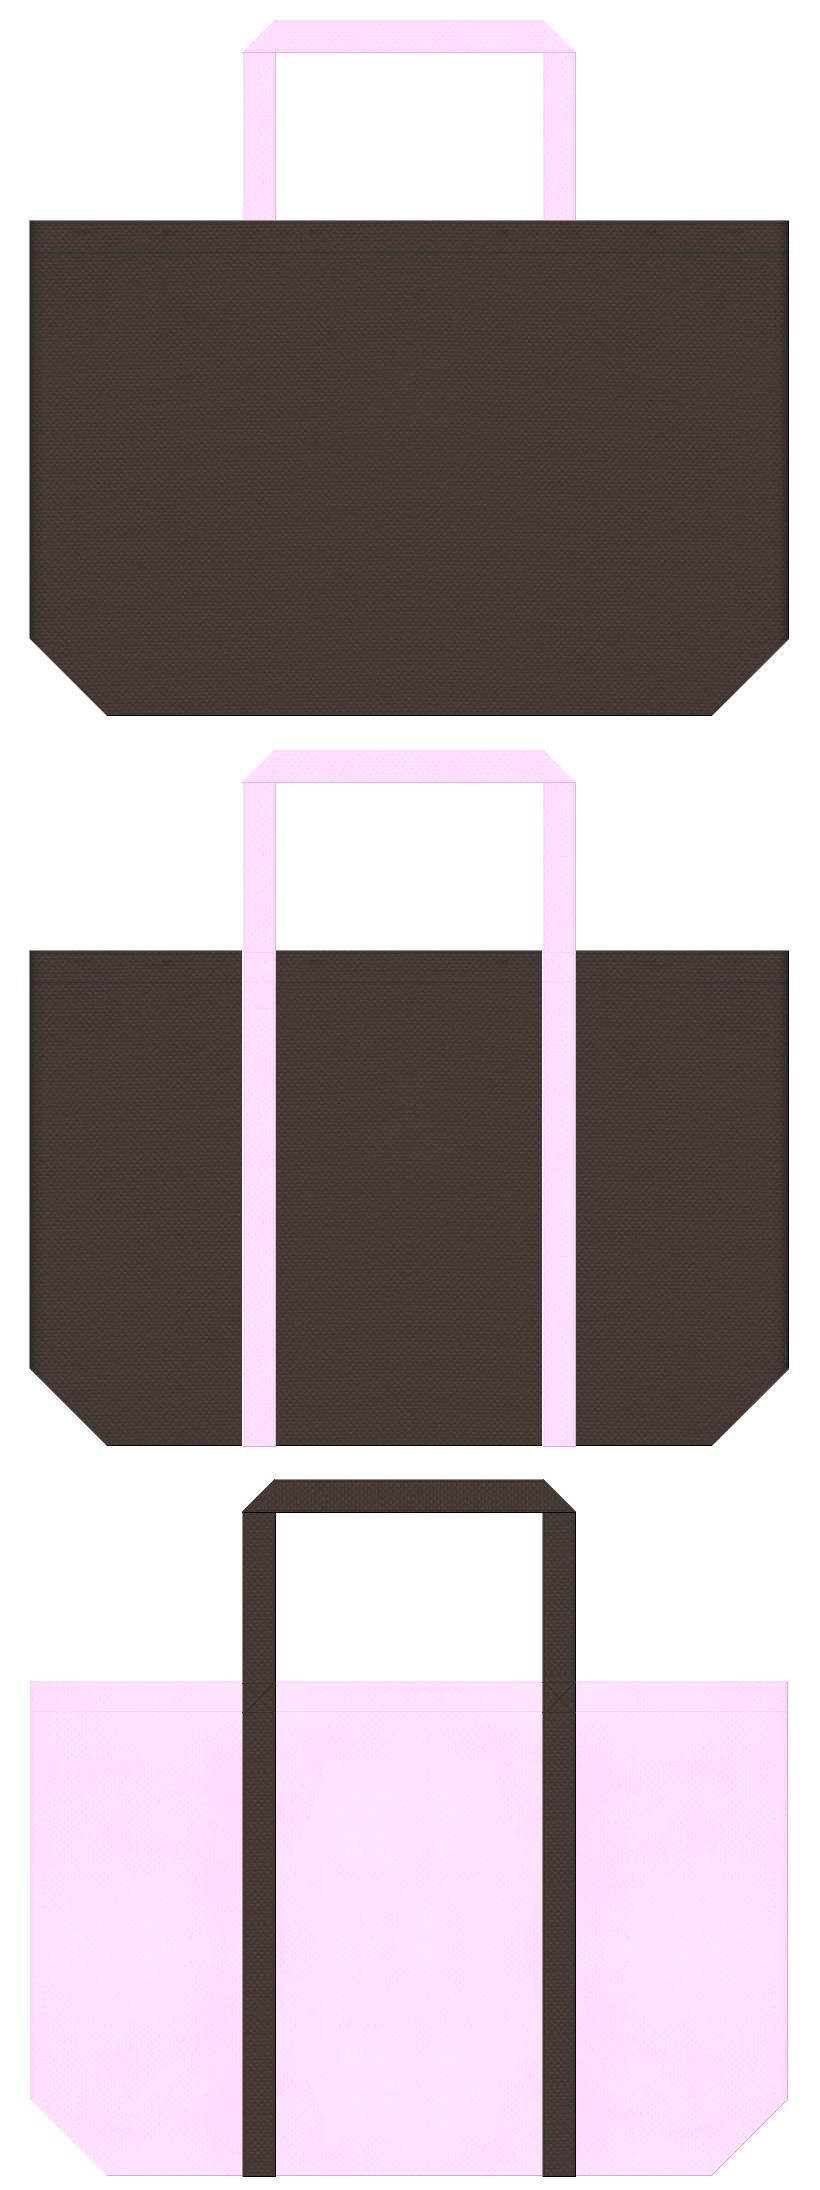 こげ茶色と明るいピンク色の不織布バッグデザイン。ガーリーなイメージのショッピングバッグにお奨めの配色です。